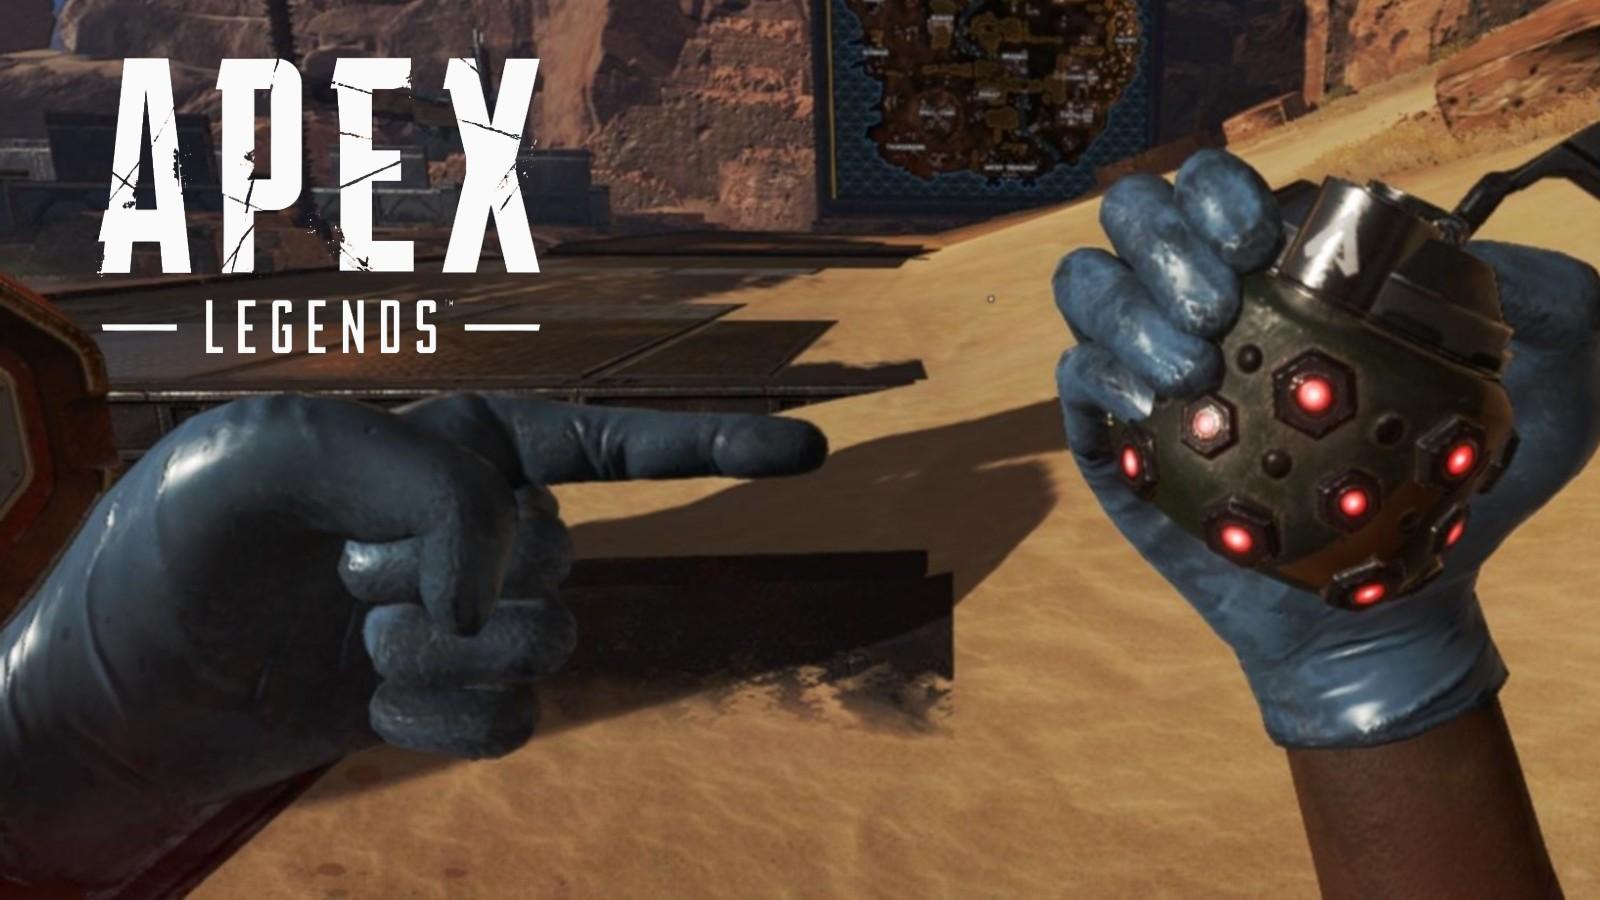 Grenade in Apex Legends